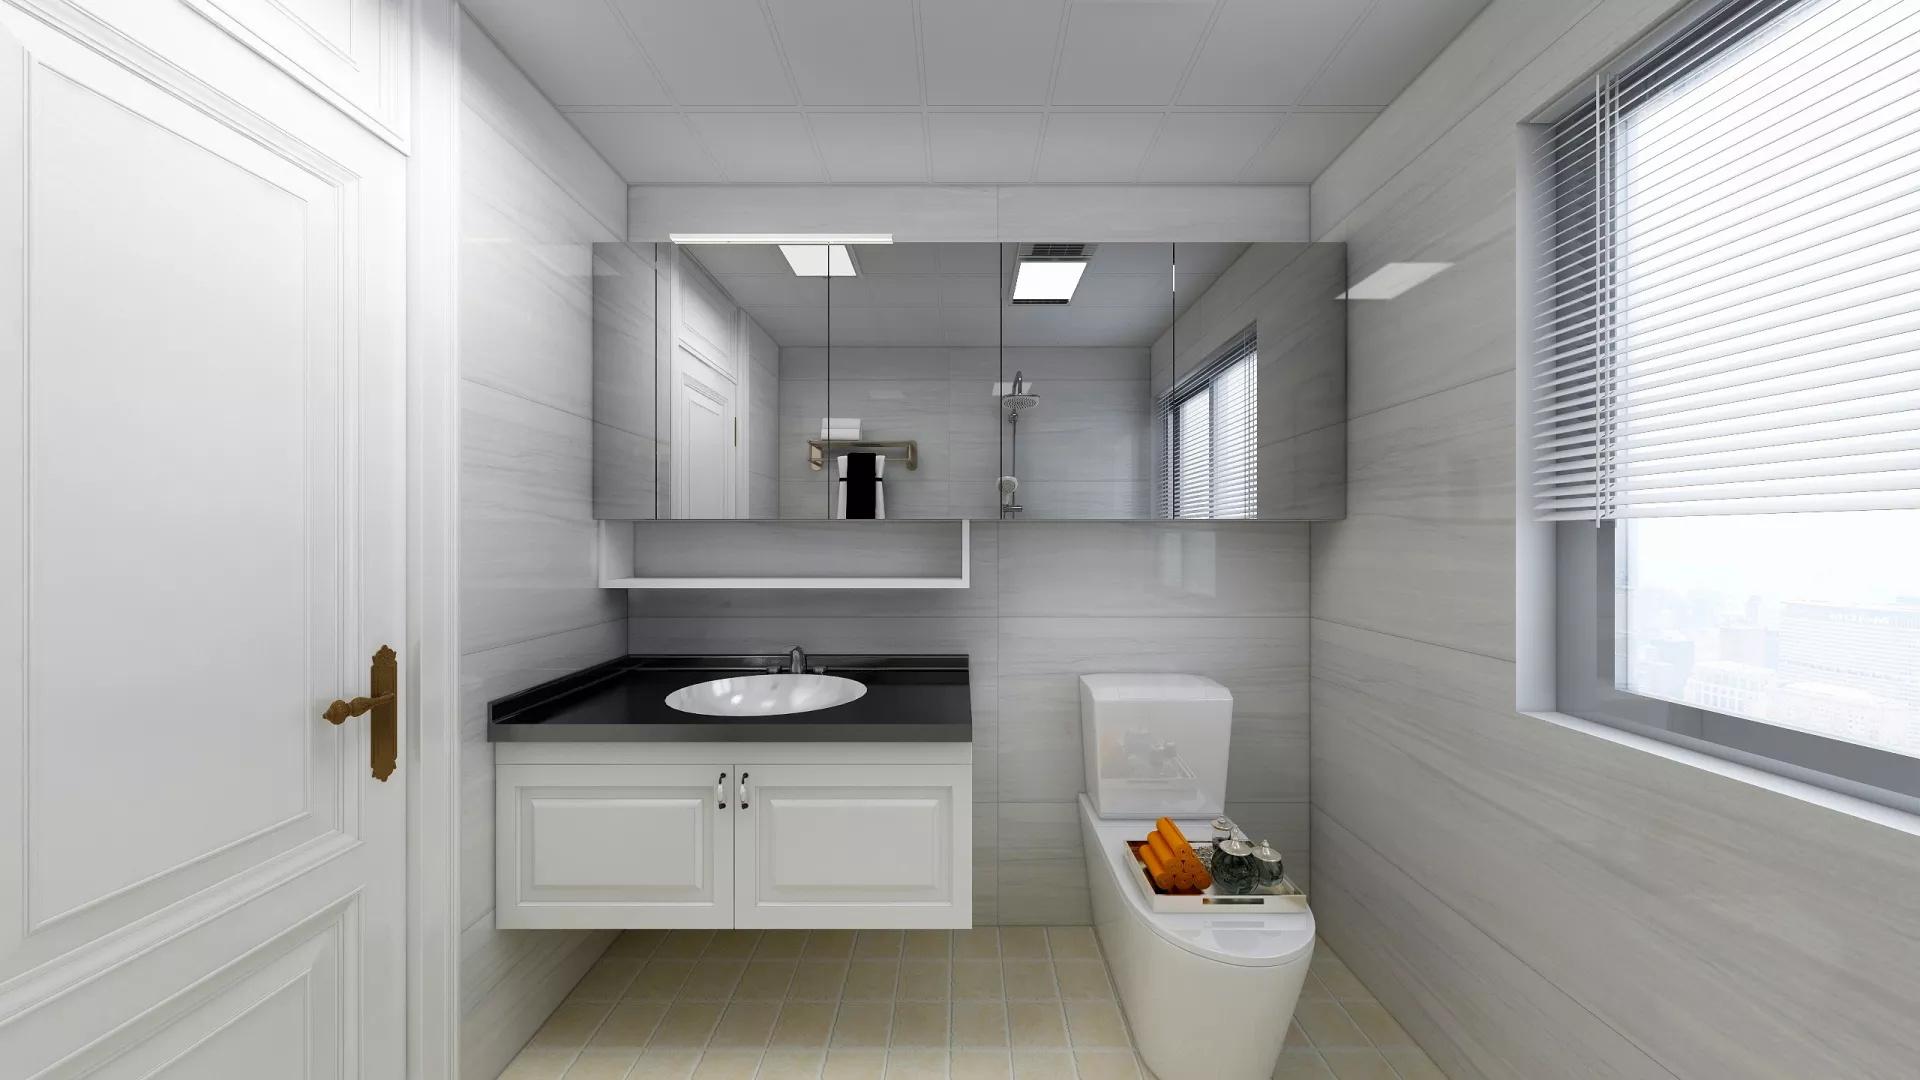 玻化磚價格一般是多少 玻化磚品牌選購技巧